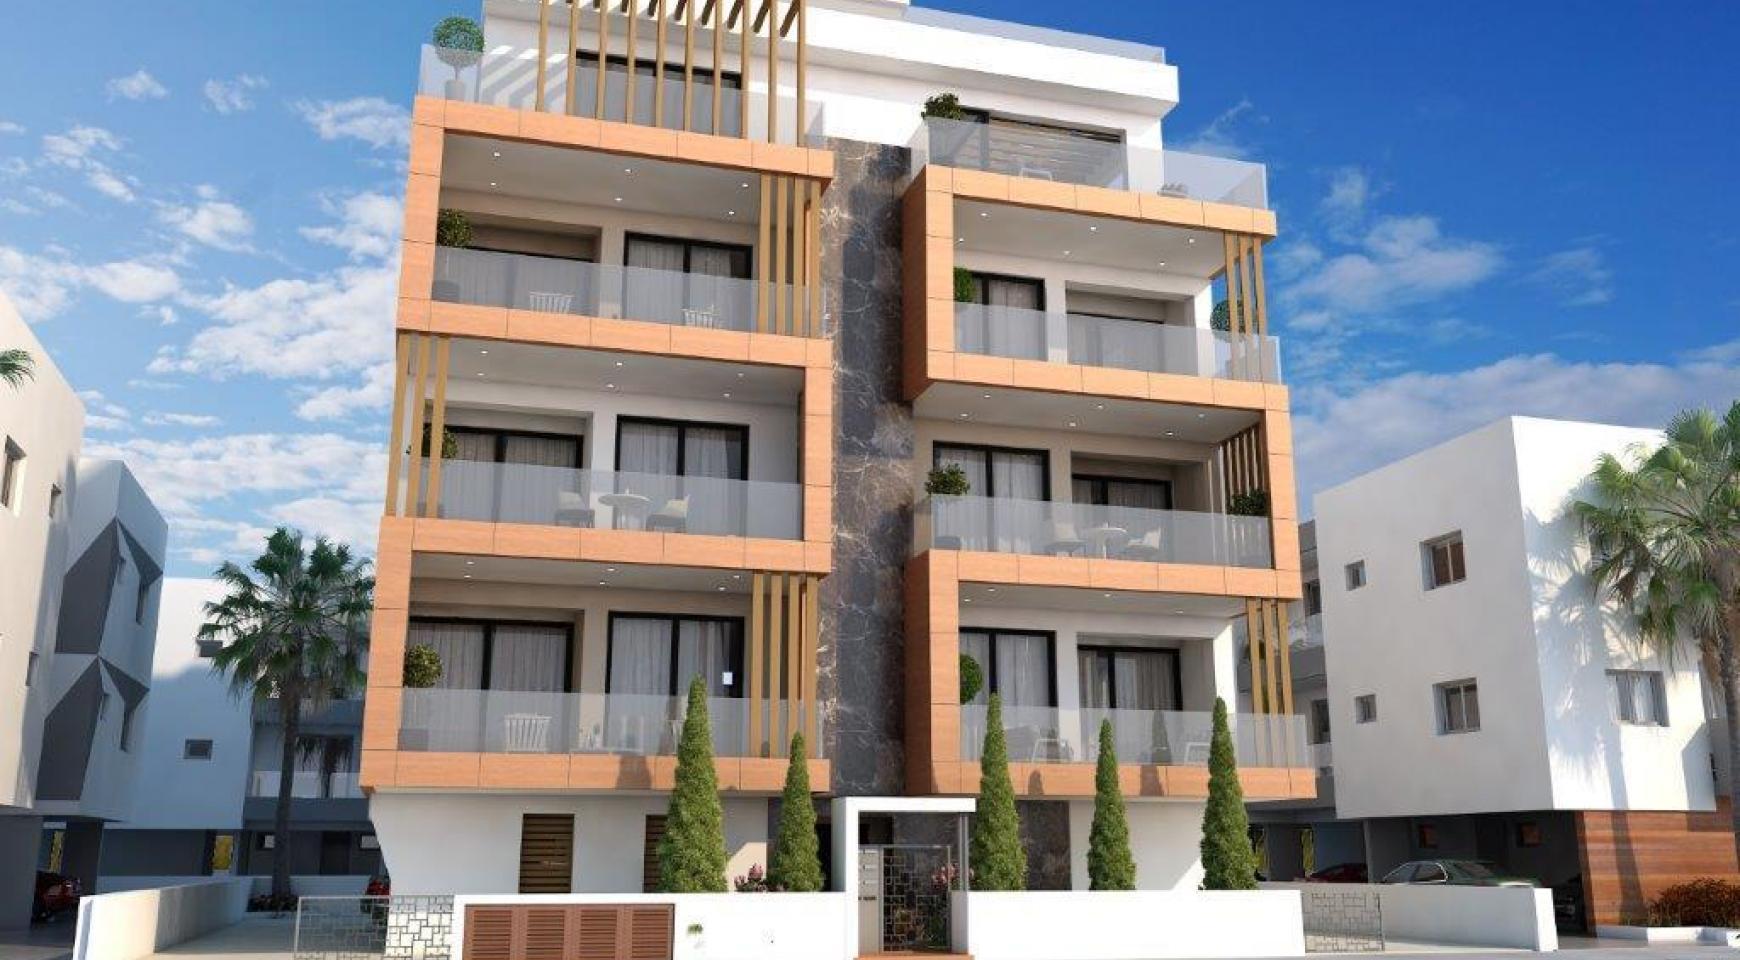 New 2 Bedroom Apartment in Enaerios Area  - 4